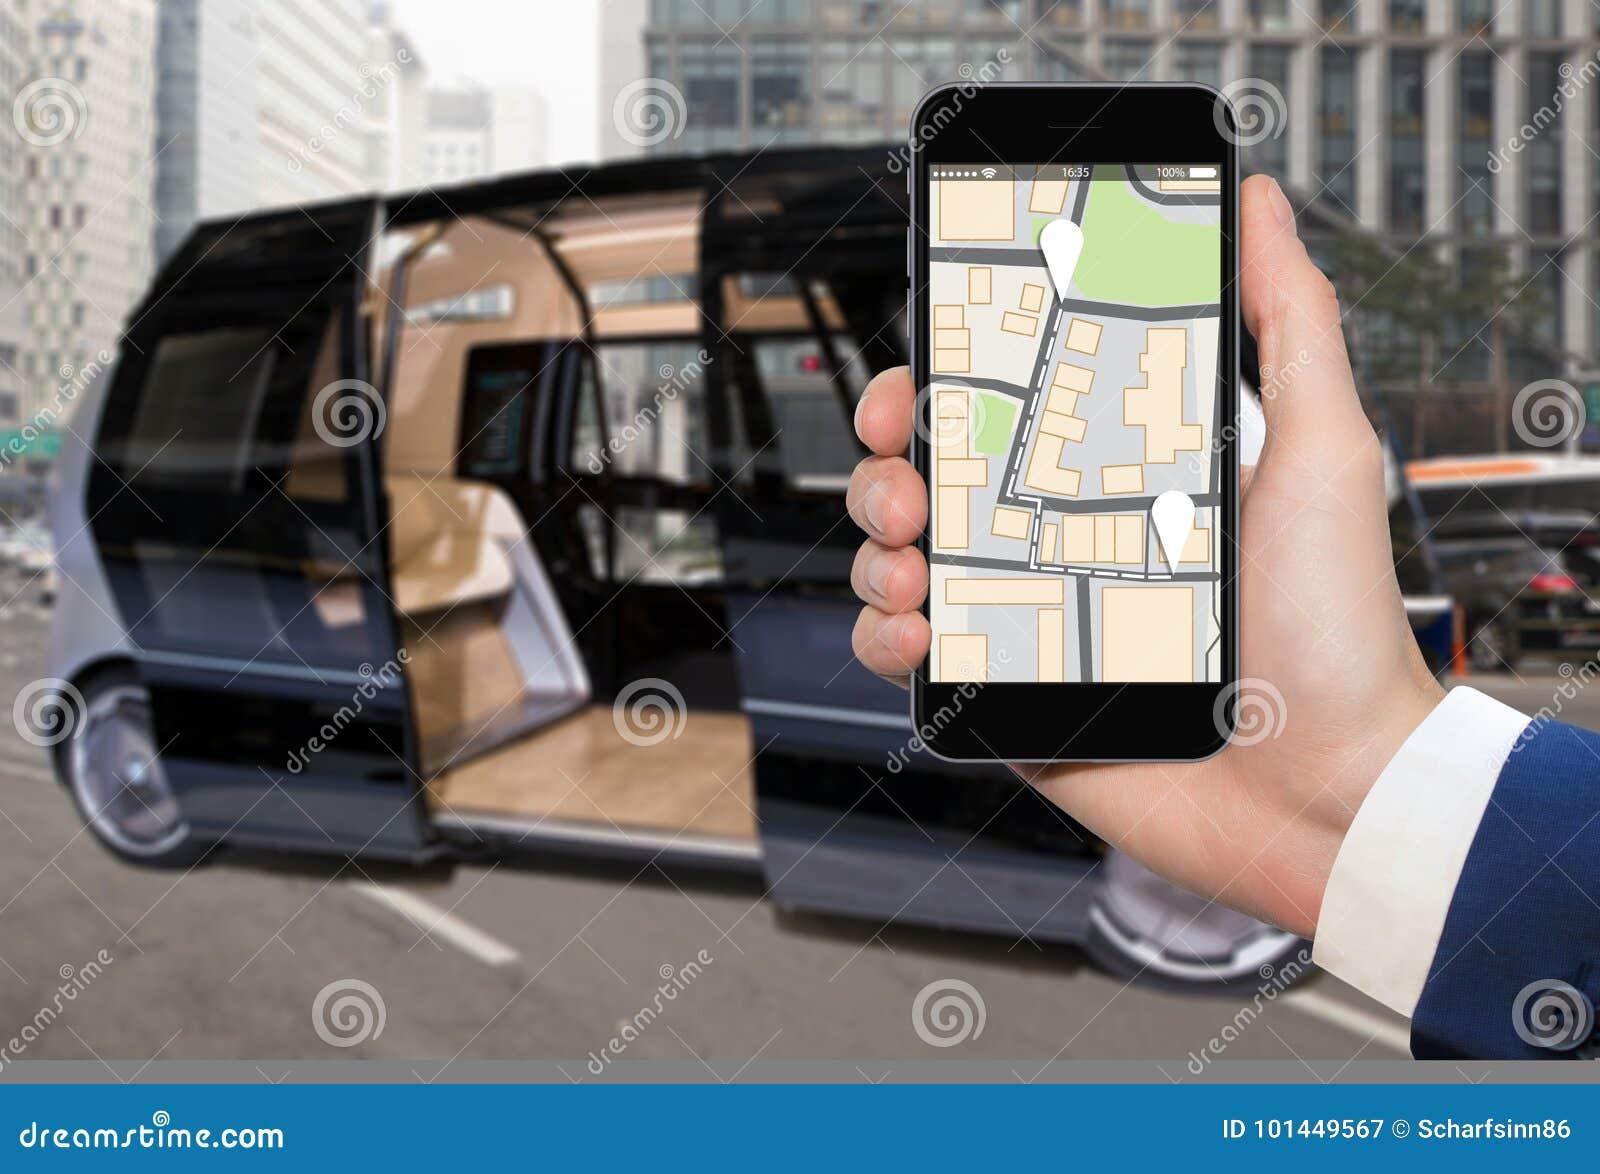 Control del uno mismo que conduce el autobús por el app móvil